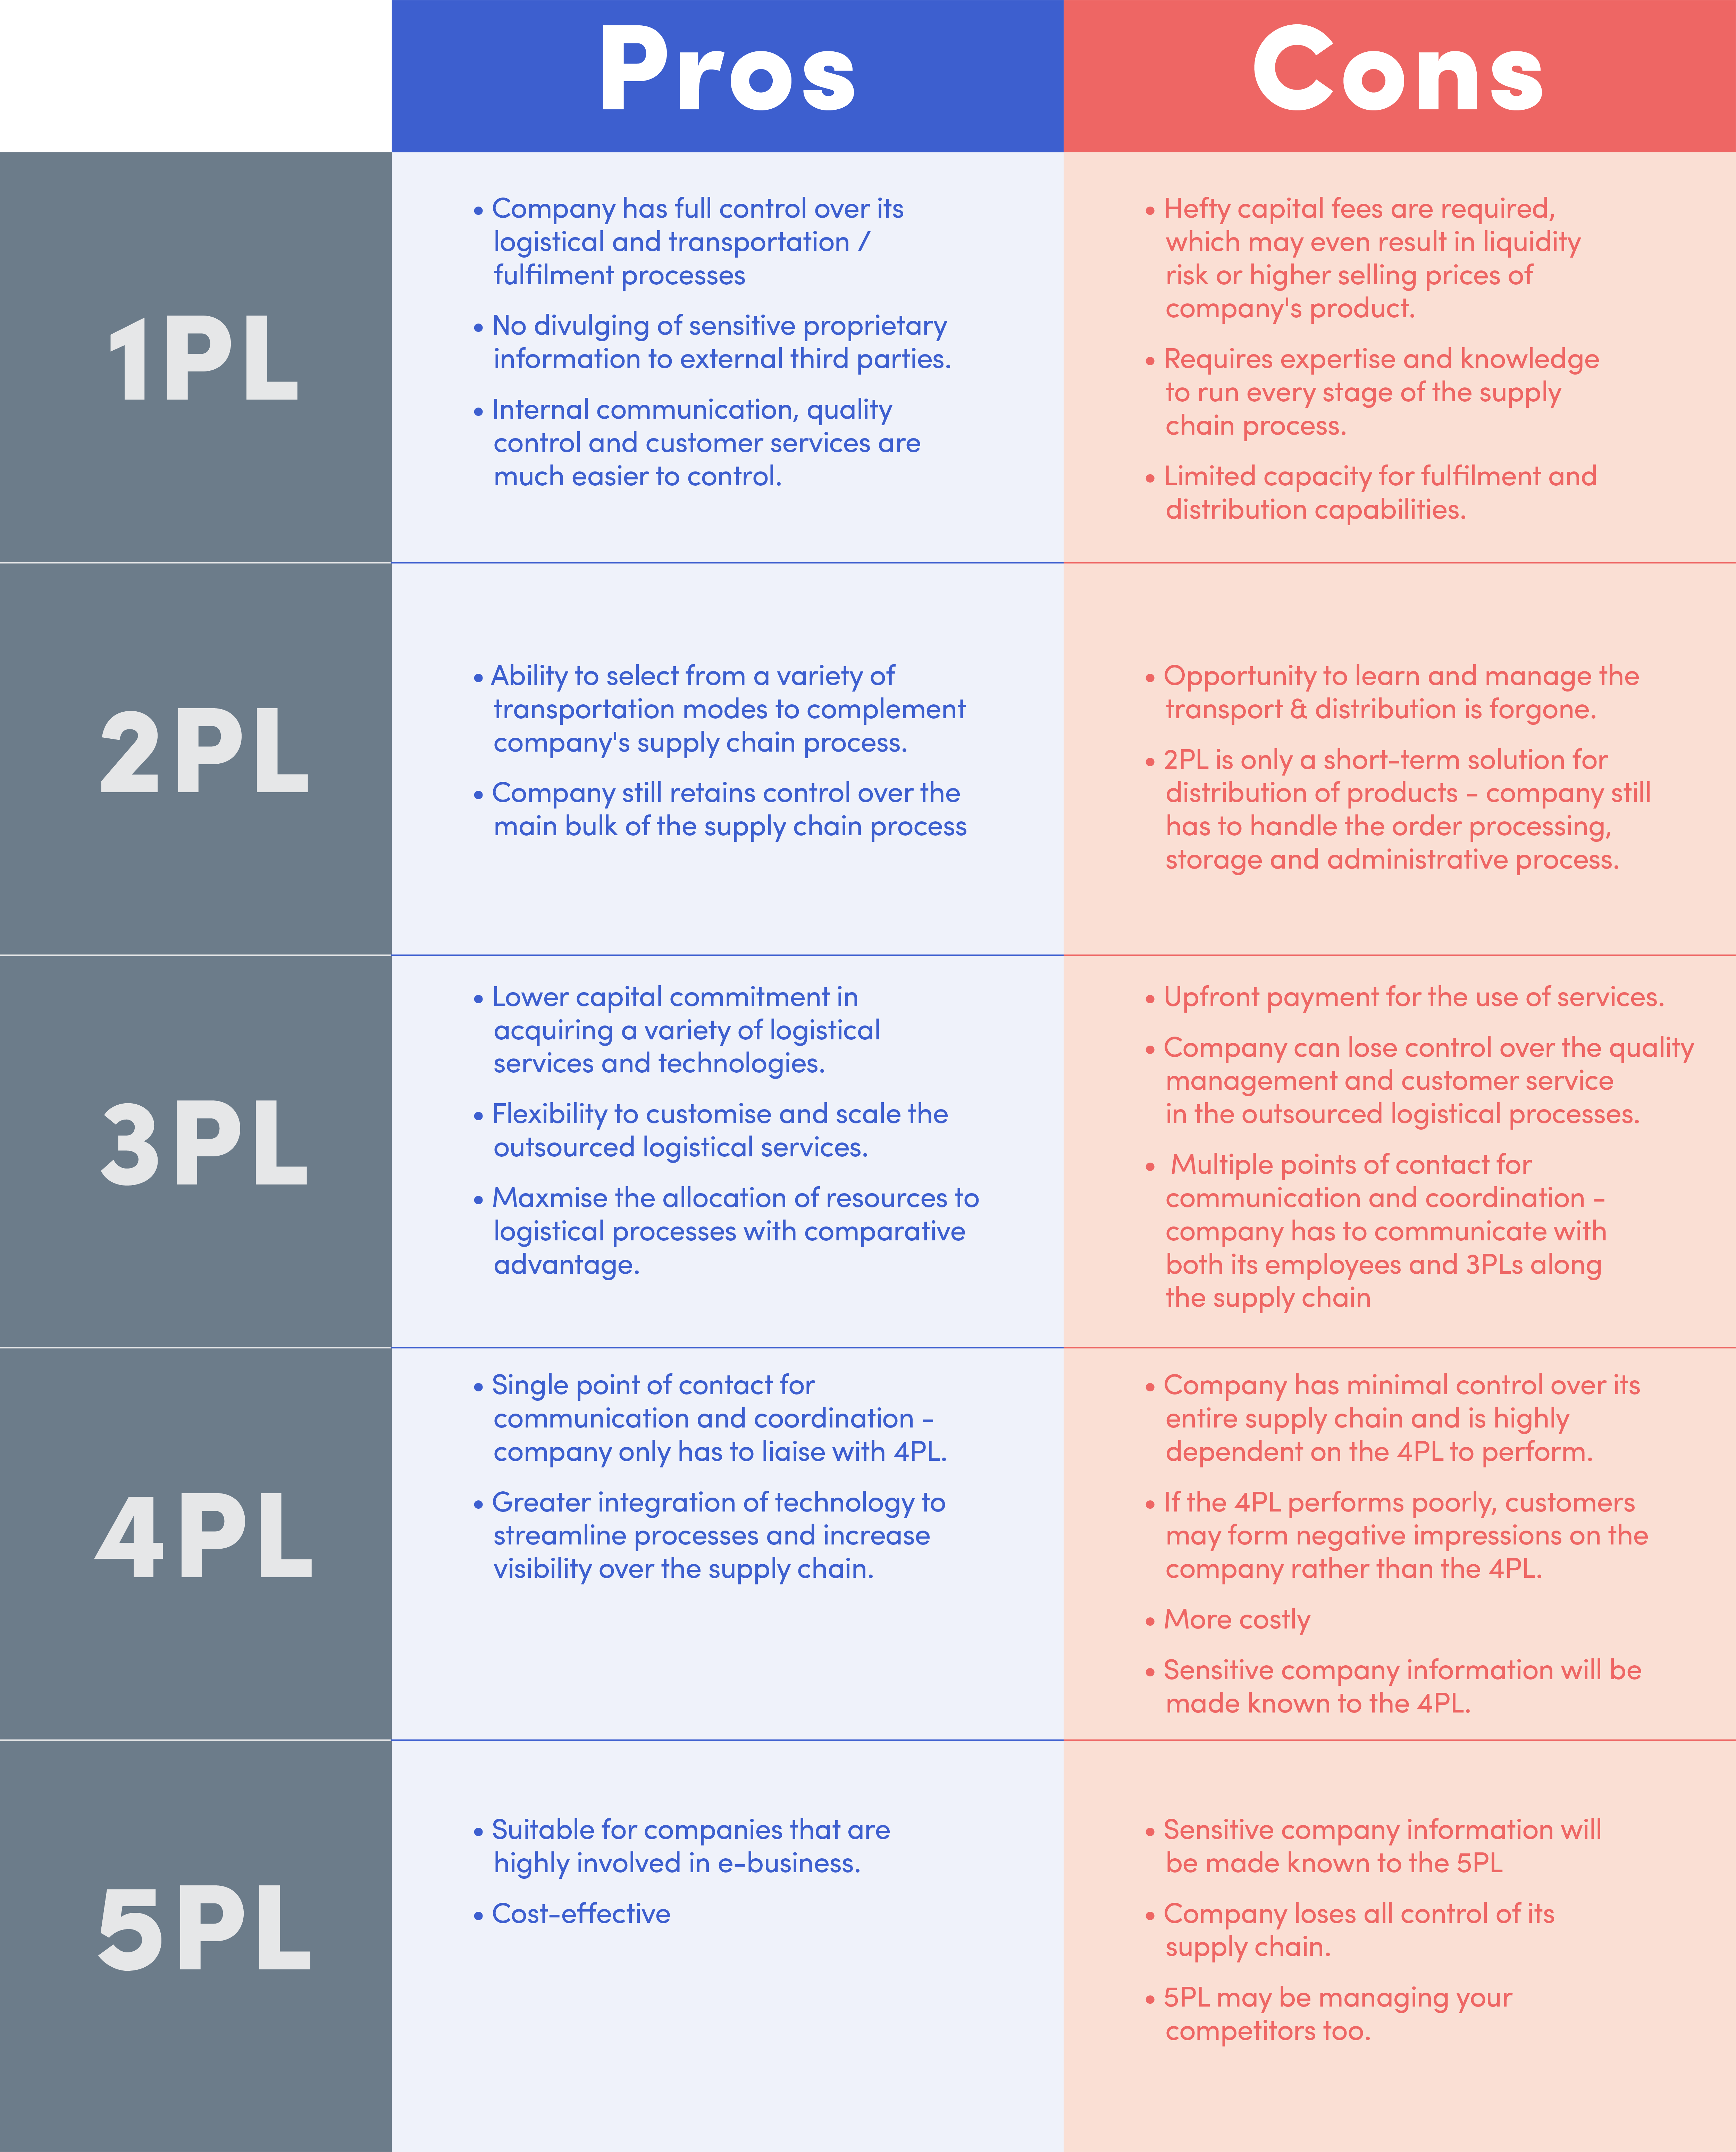 Pros and Cons of 1PL, 2PL, 3PL, 4PL & 5PL